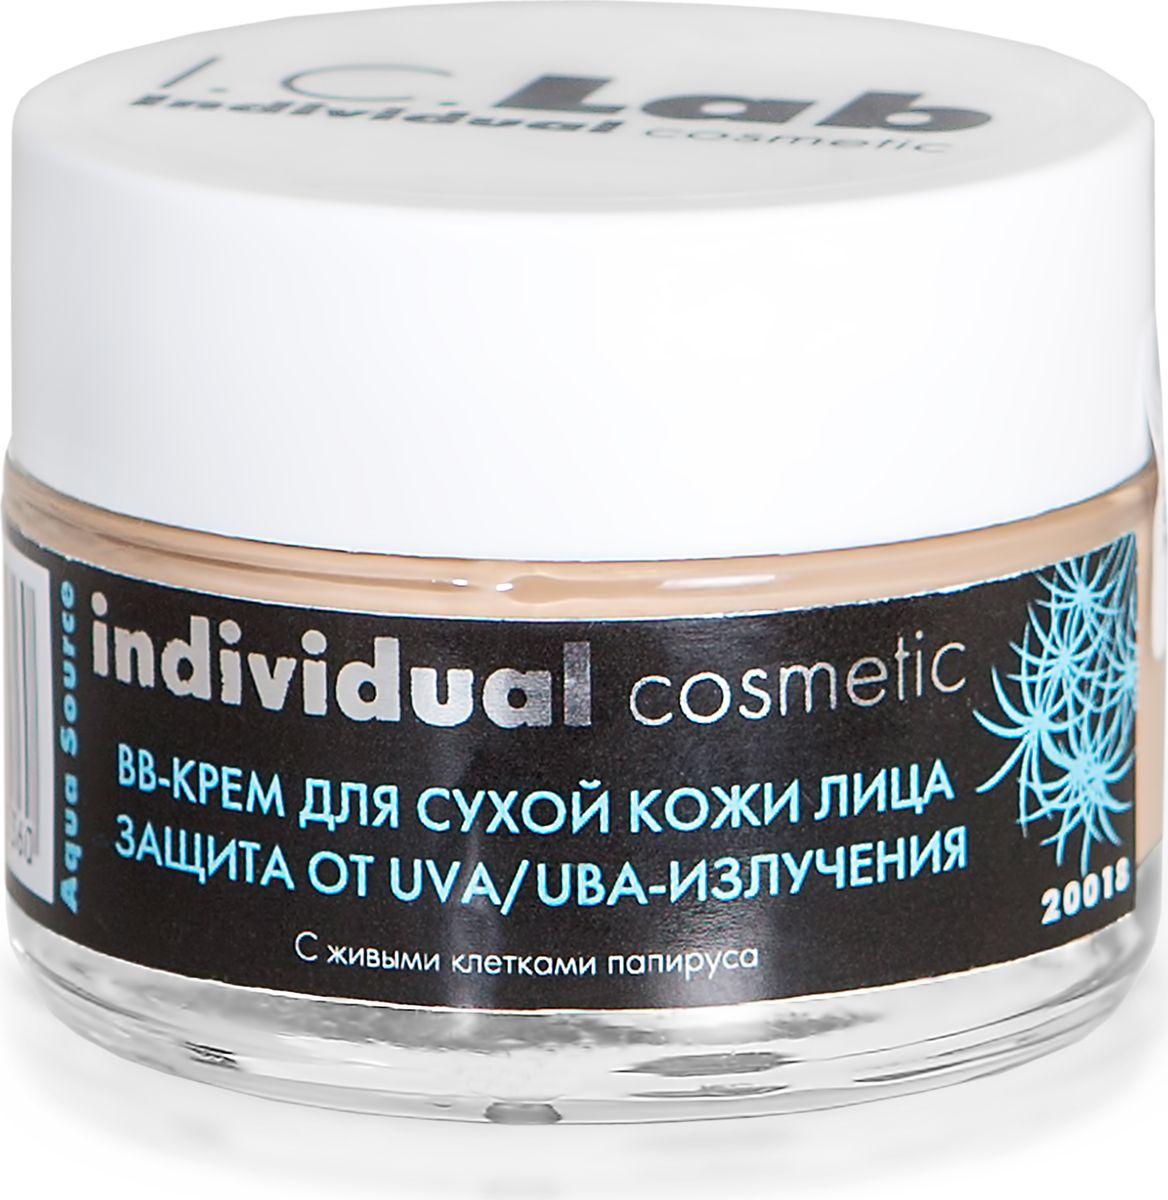 I.C.Lab Individual cosmetic BB-крем для сухой кожи лица с живыми клетками папируса, 50 мл.20018Действует как основа под макияж, адаптируется под цвет кожи, выравнивая ее поверхность и тон, маскируя дефекты. Имеет свойство защиты от солнечных лучей UVA и UBA, активно увлажняет и питает.